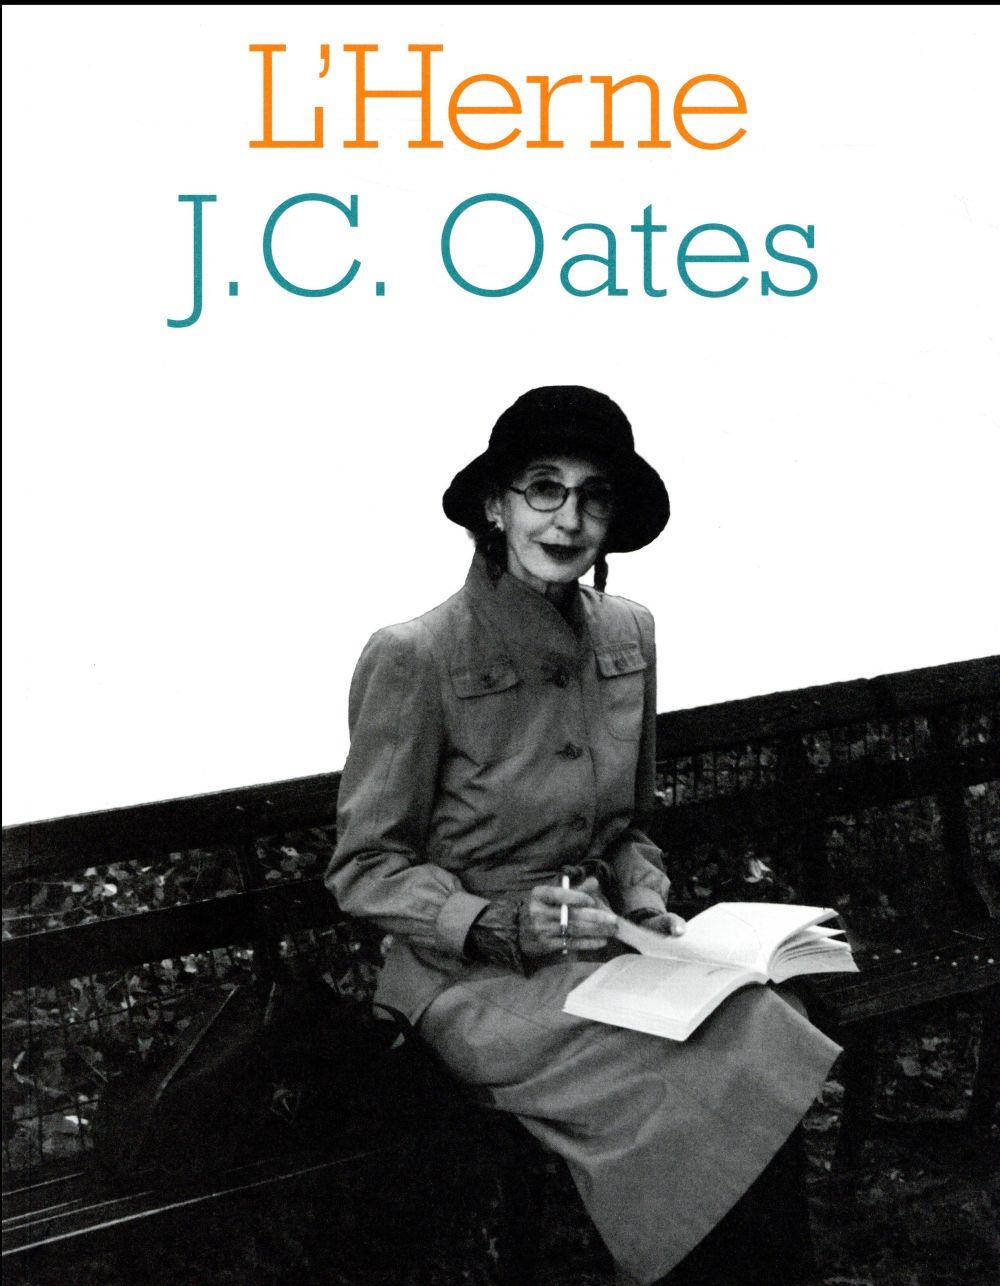 CAHIERS DE L'HERNE 119 : JOYCE CAROL OATES